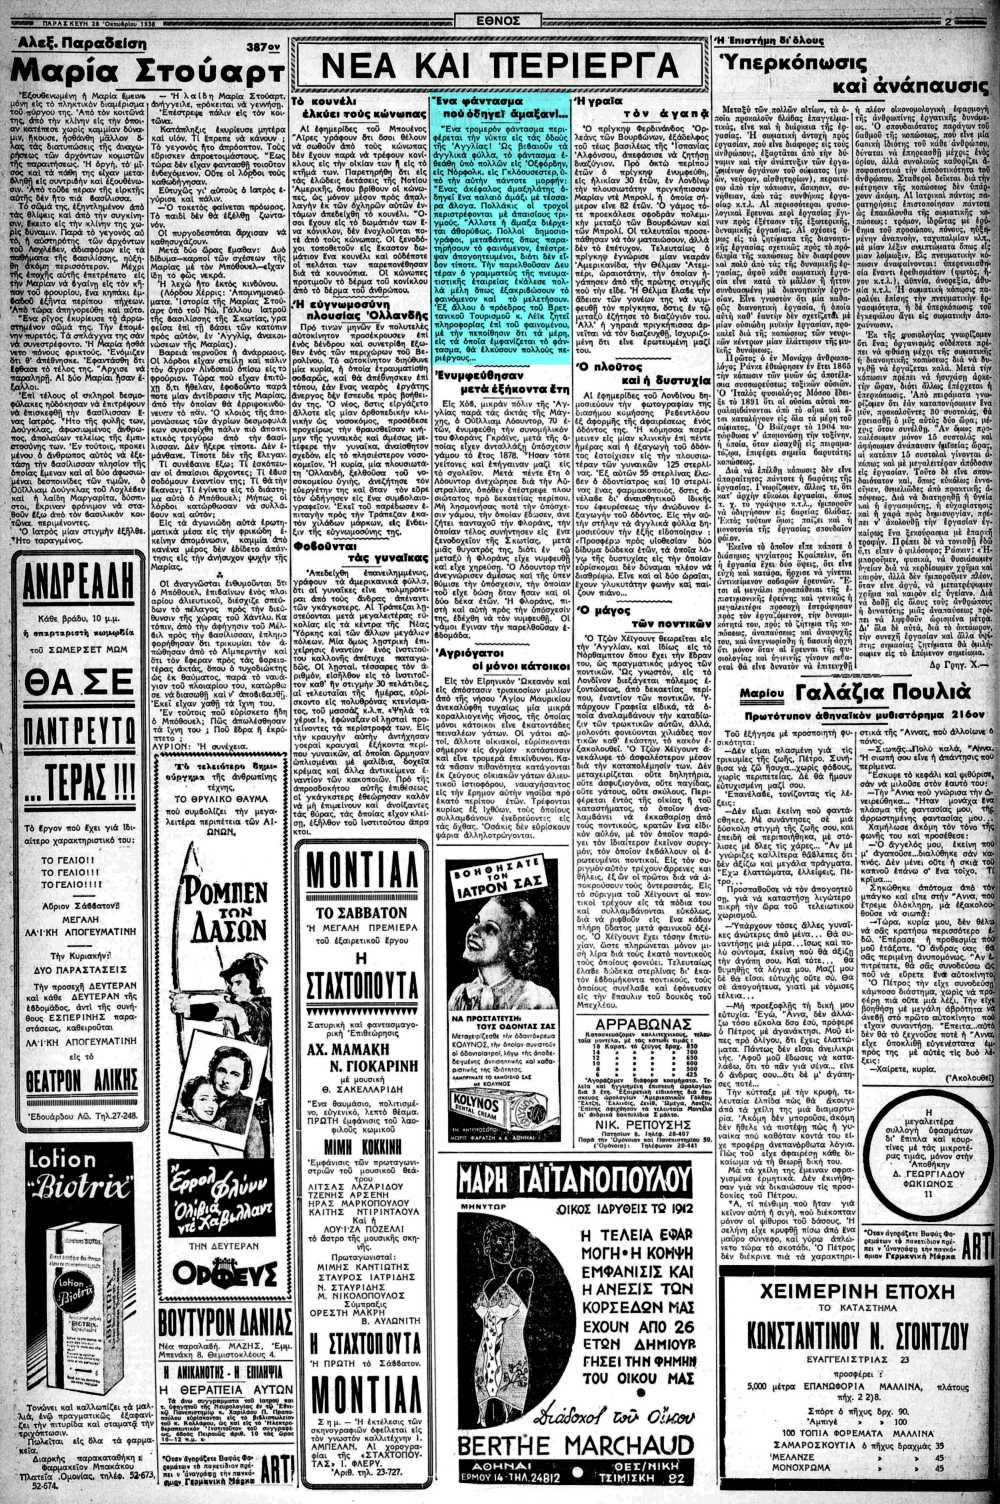 """Το άρθρο, όπως δημοσιεύθηκε στην εφημερίδα """"ΕΘΝΟΣ"""", στις 28/10/1938"""